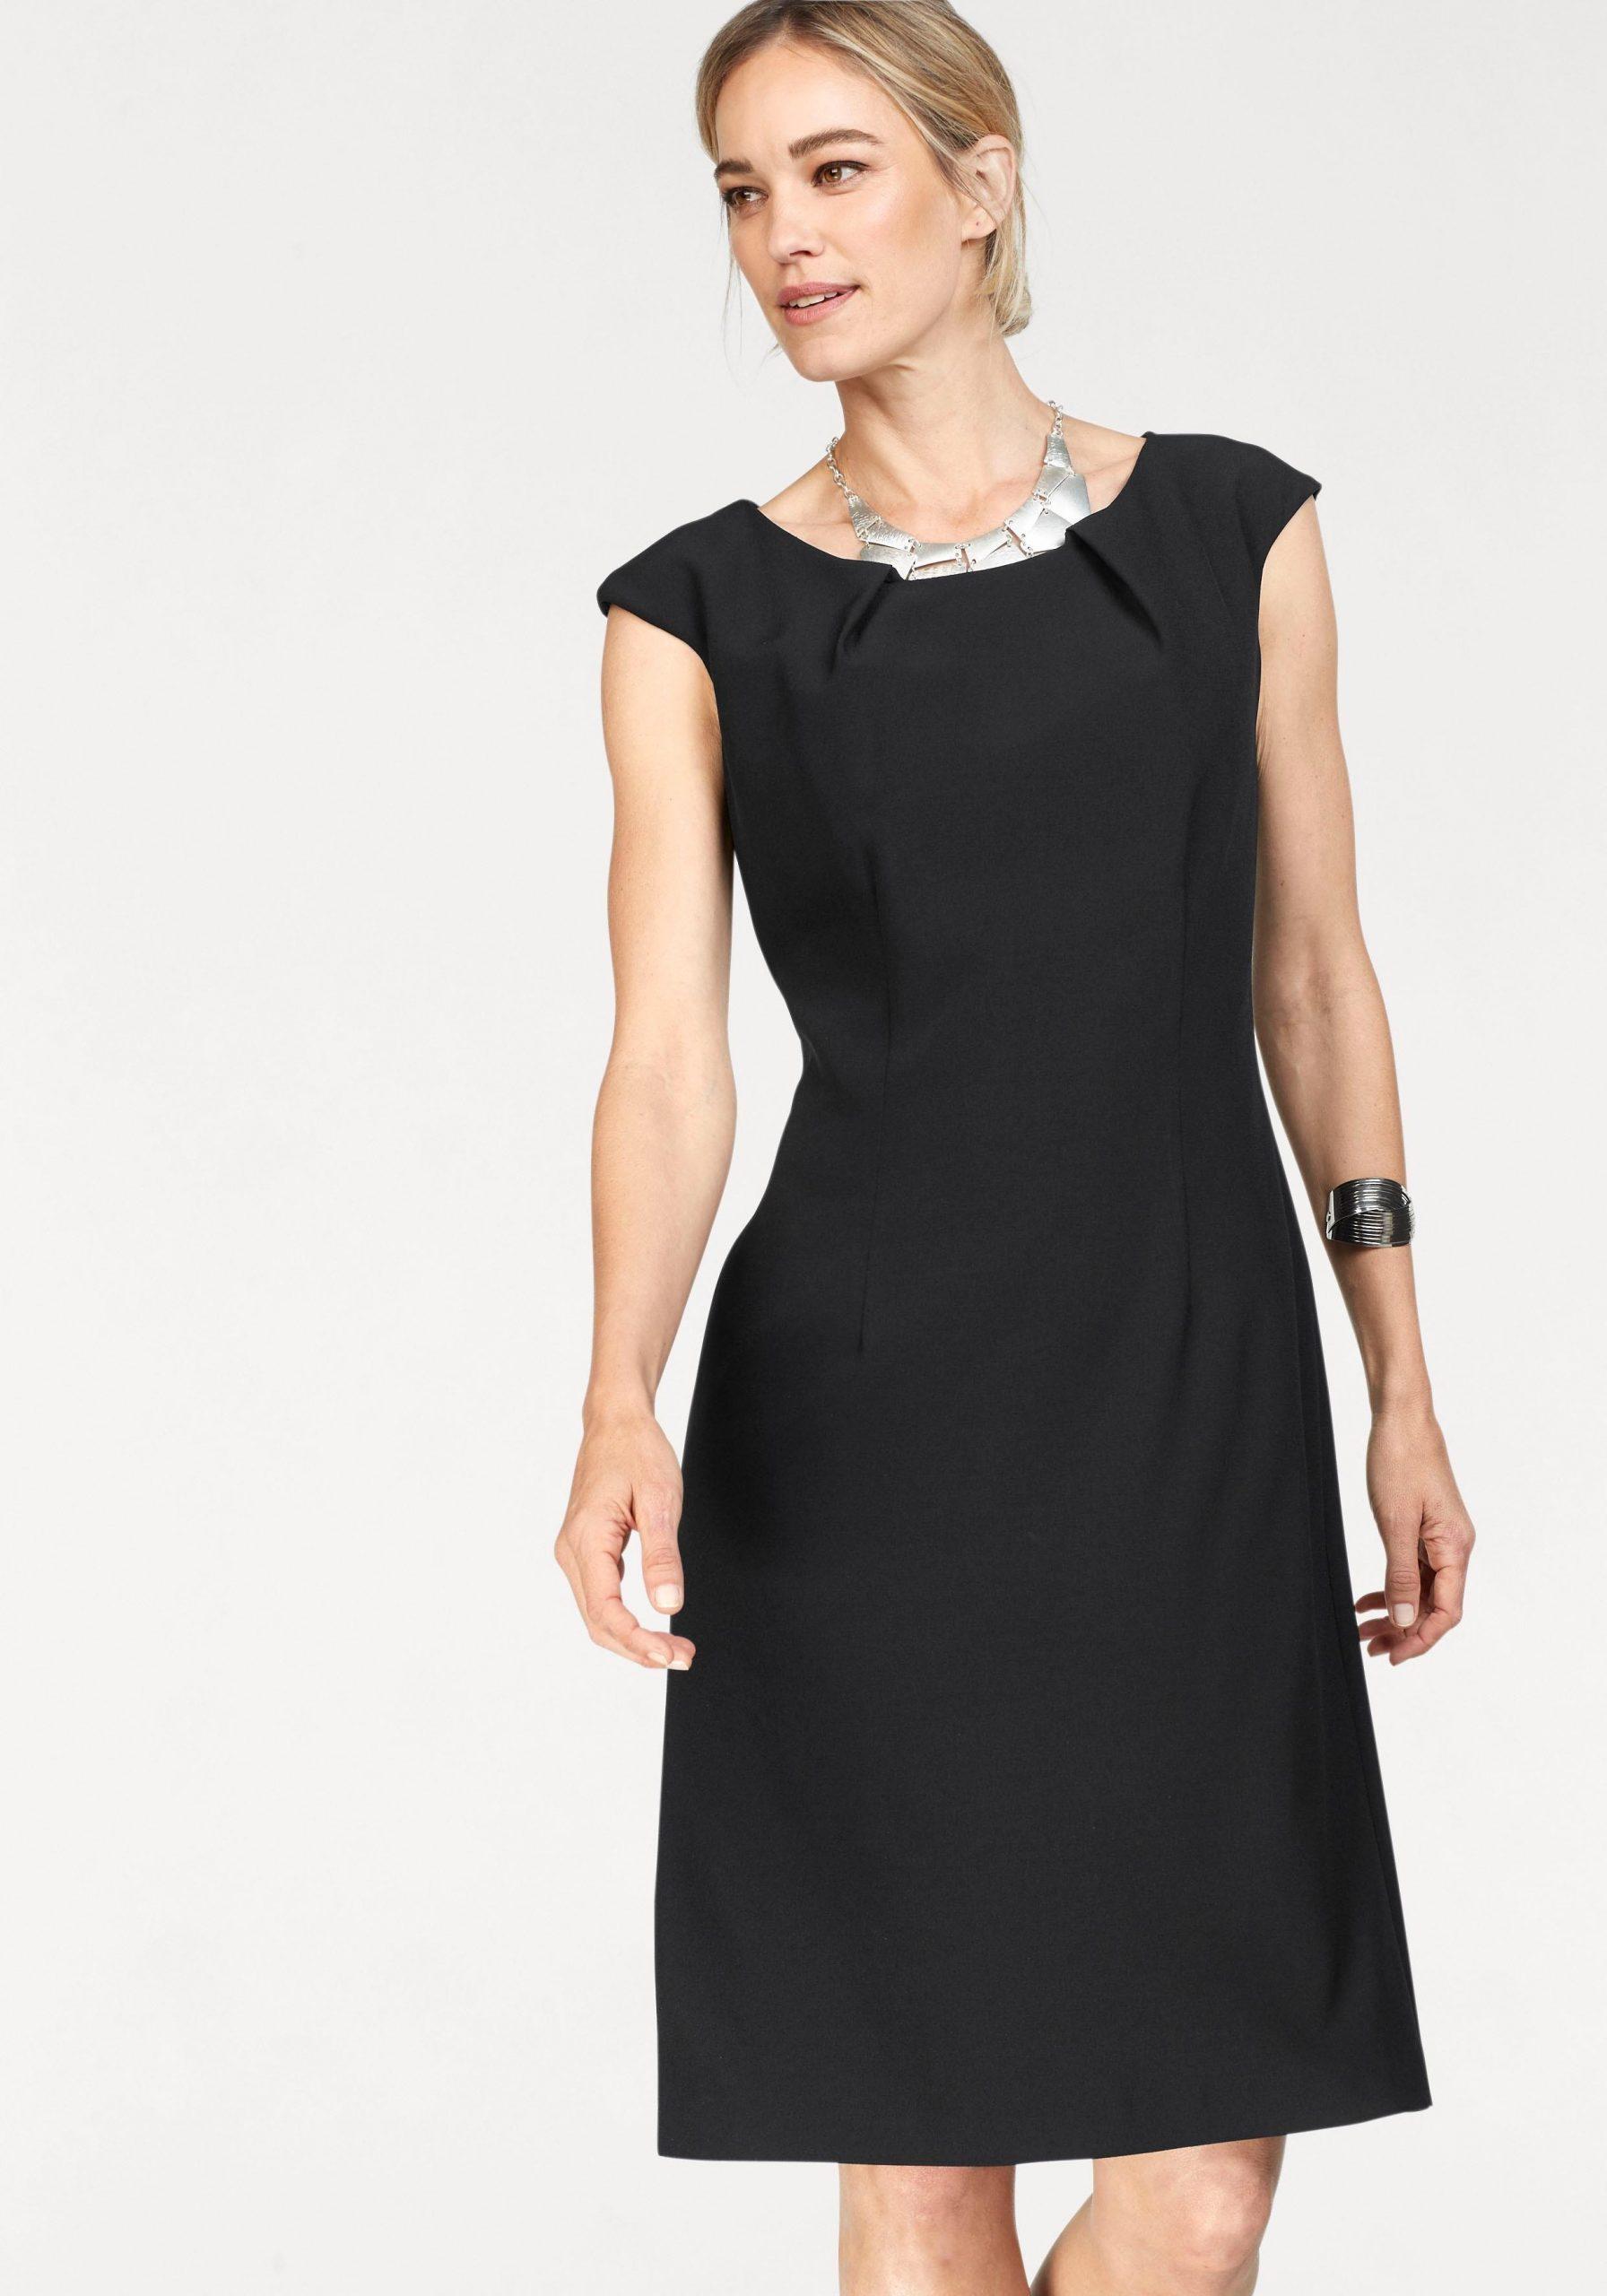 Formal Luxurius Abendkleider Xl Lang Bester Preis17 Einzigartig Abendkleider Xl Lang Ärmel